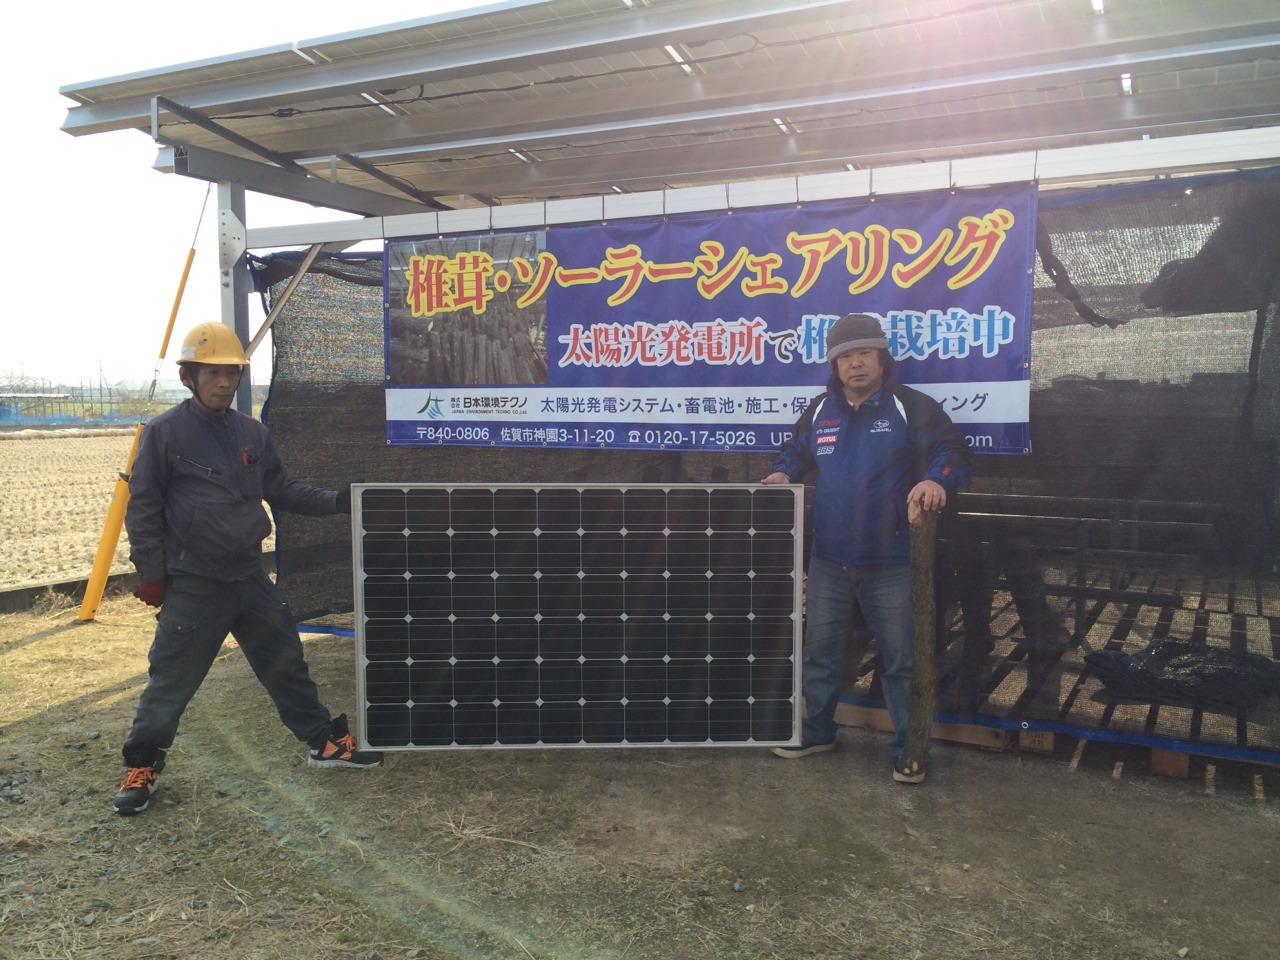 佐賀市巨勢発電所